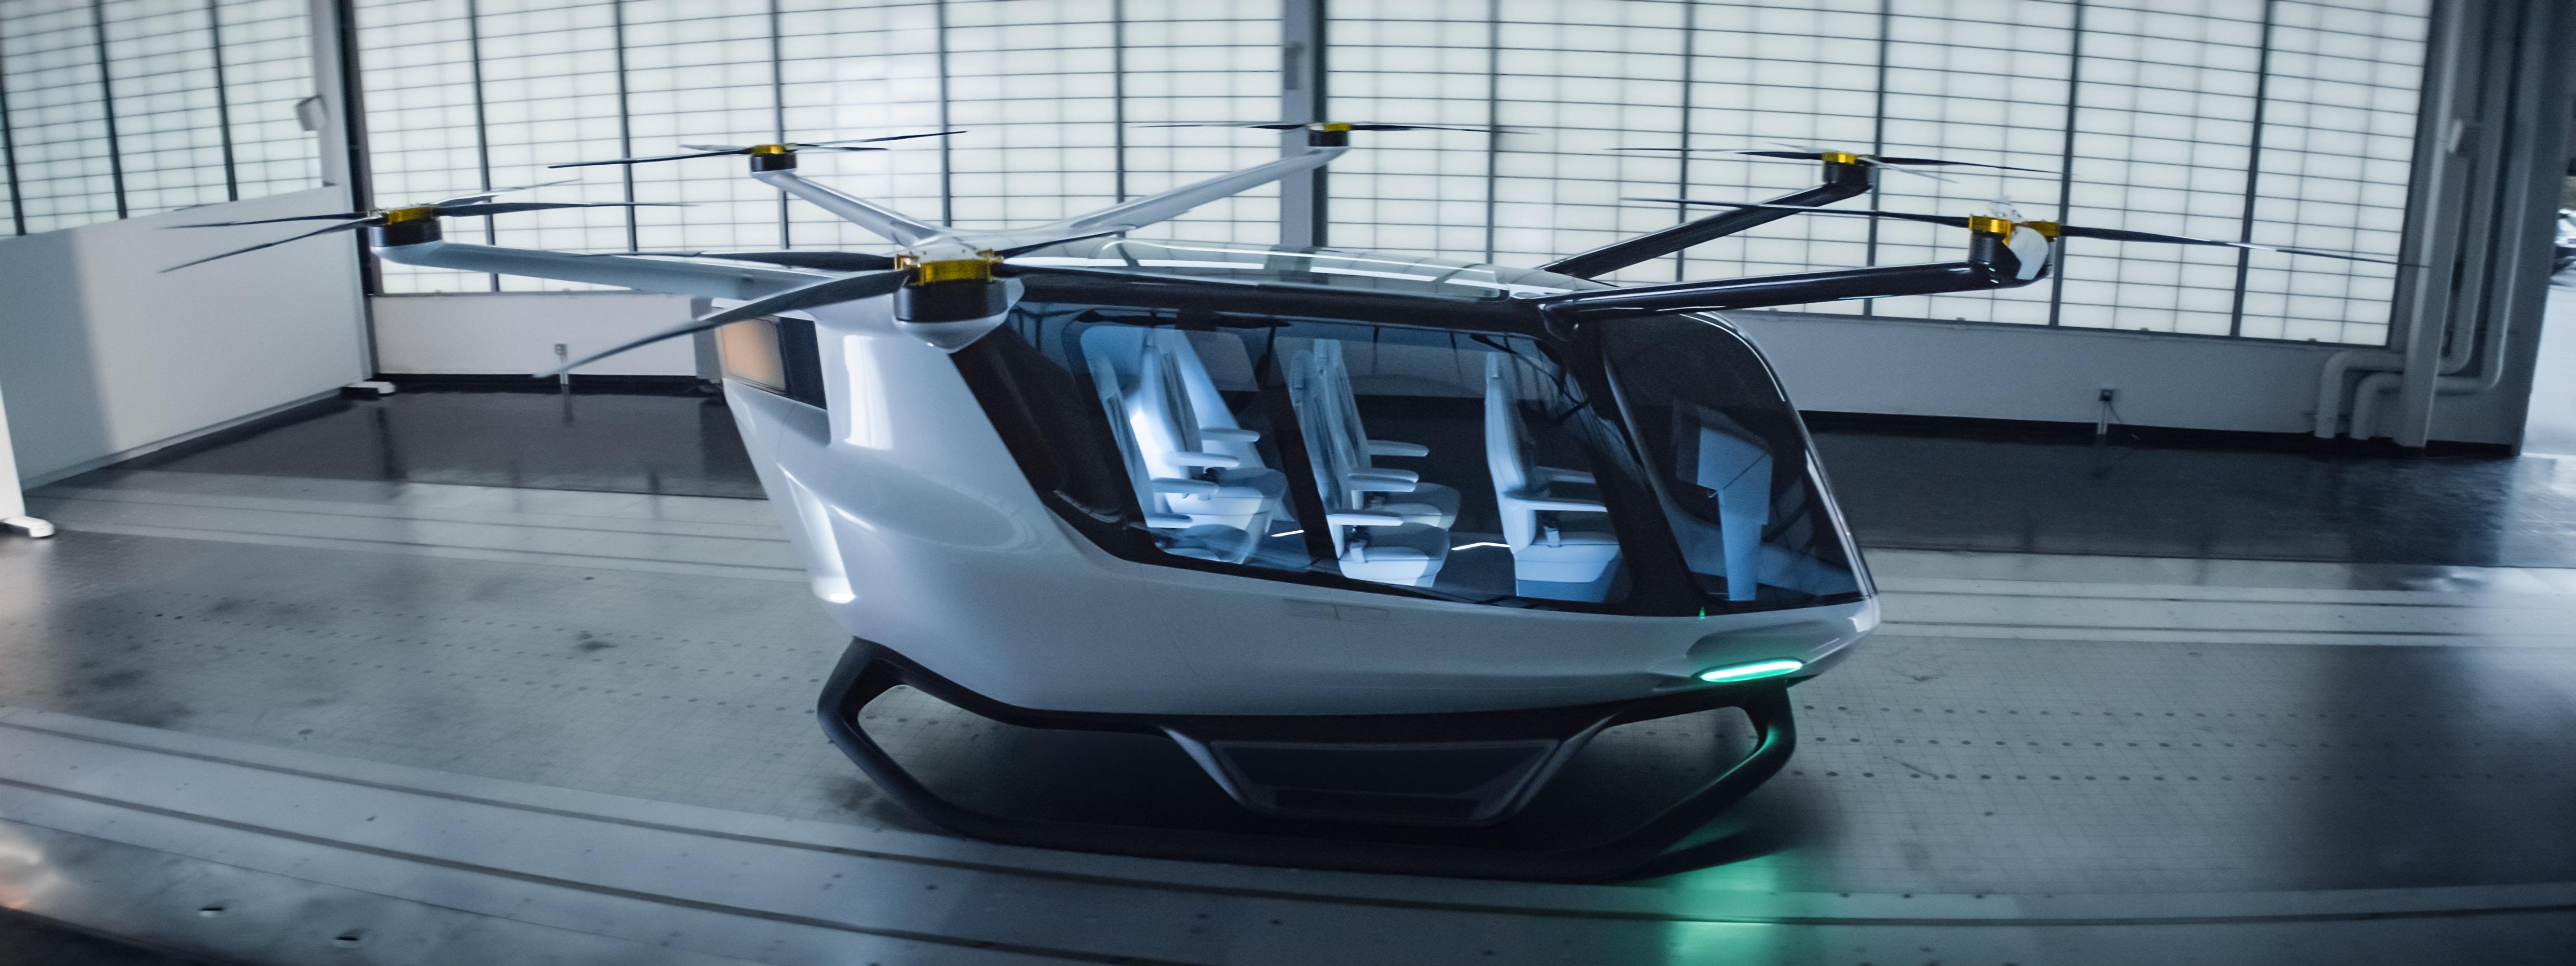 NASA trasporto aereo urbano Un velivolo selezionato per partecipare alla campagna NC-1: l'eVTOL Skai, alimentato da fuel cells a idrogeno. Credits: Alaka'i Technologies